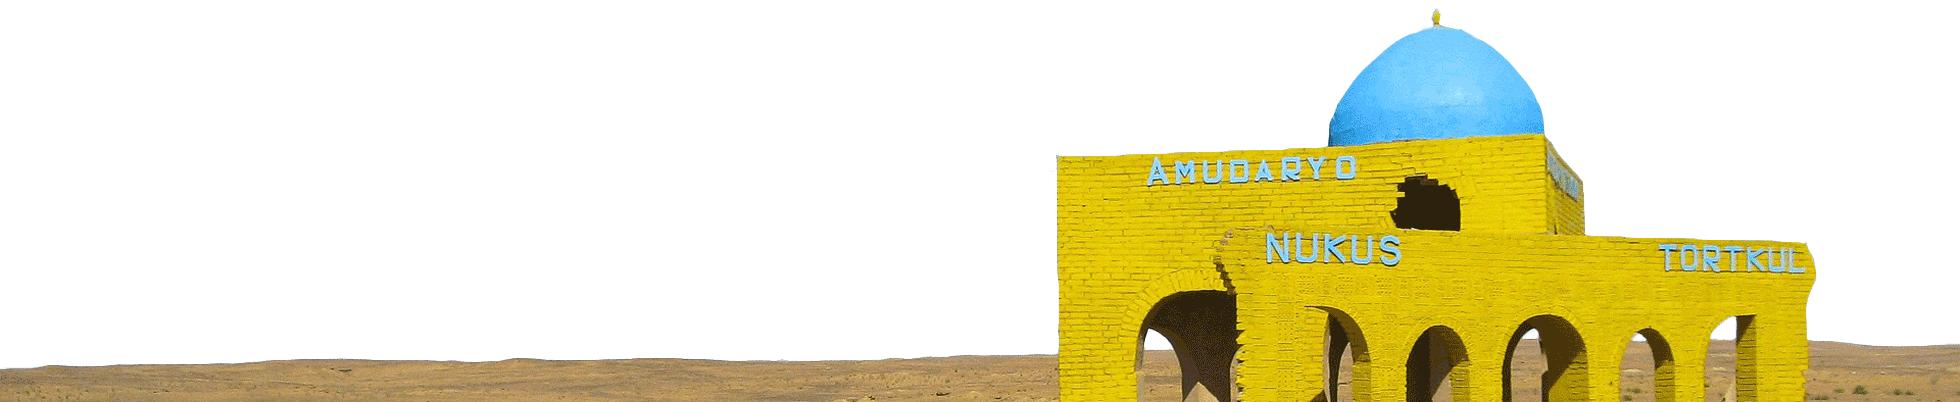 Ouzbékistan paysages